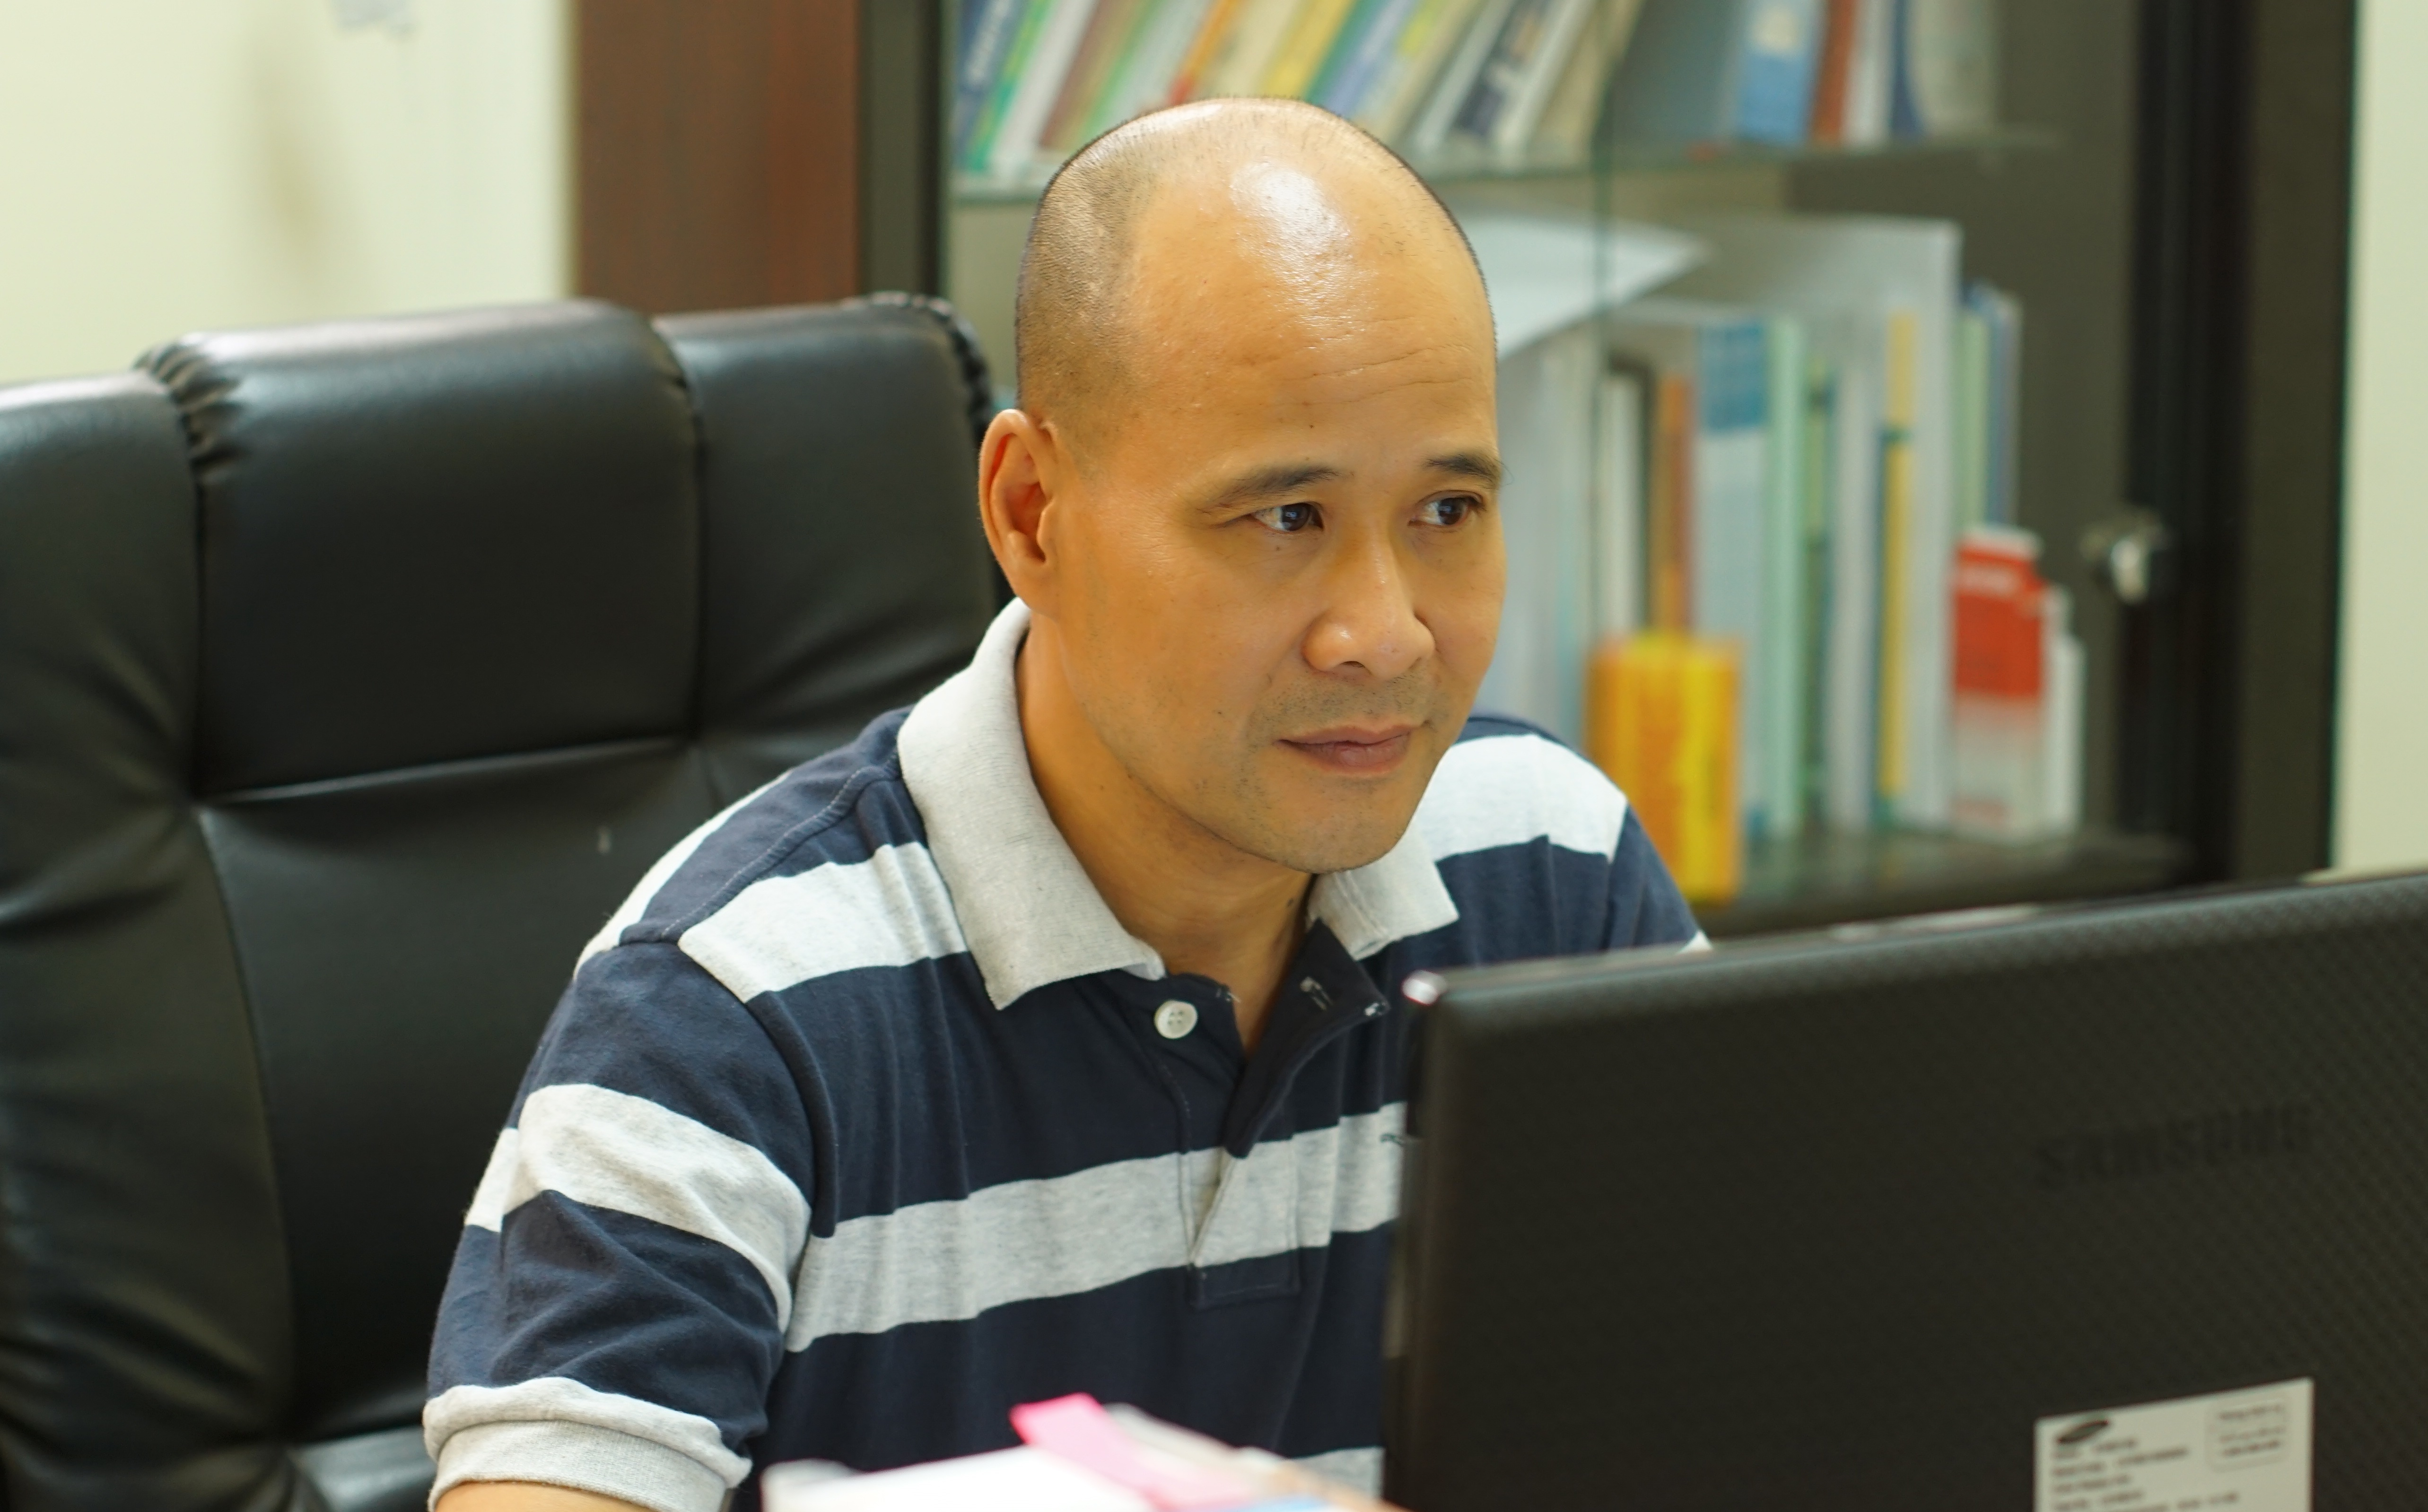 TS Ngô Tự Lập, Viện trưởng Viện Quốc tế Pháp ngữ, Đại học Quốc gia Hà Nội. Ảnh - Huỳnh Như.